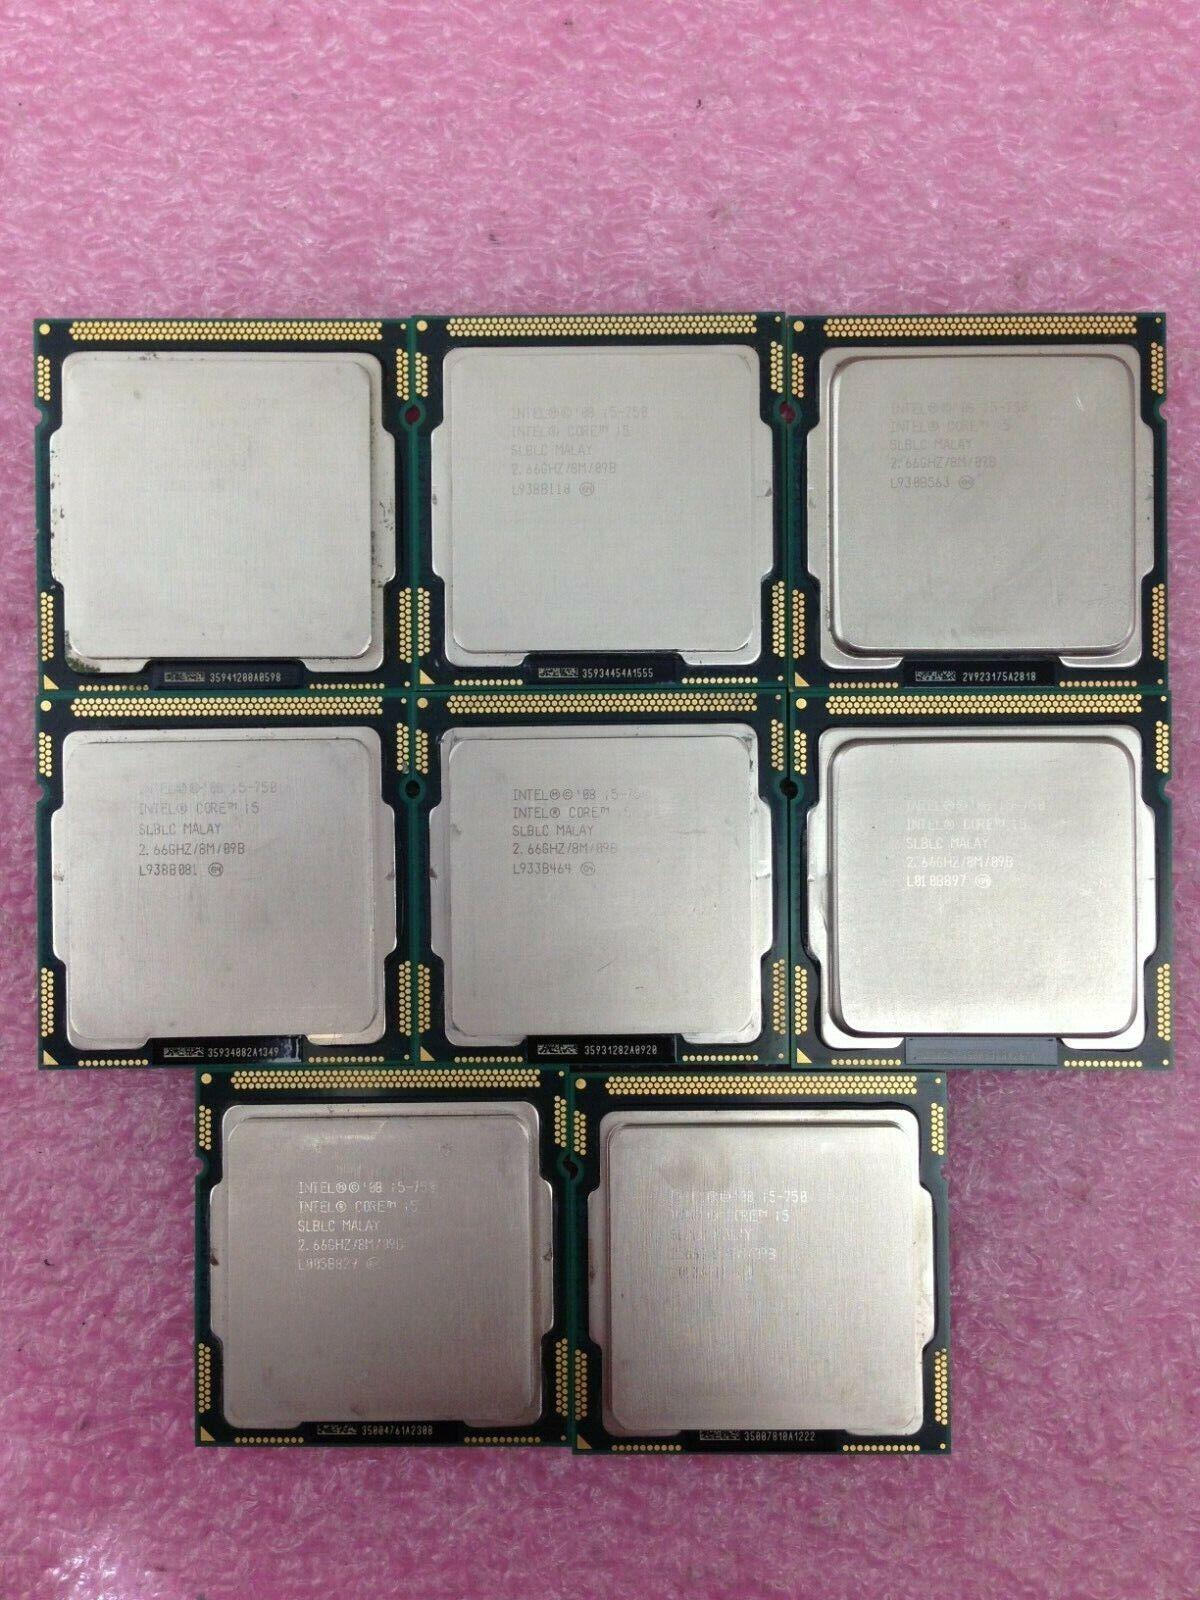 (Lot of 8) Intel i5-750 2.66GHz Quad-Core CPU Processor SLBLC LGA1156 - CPU348